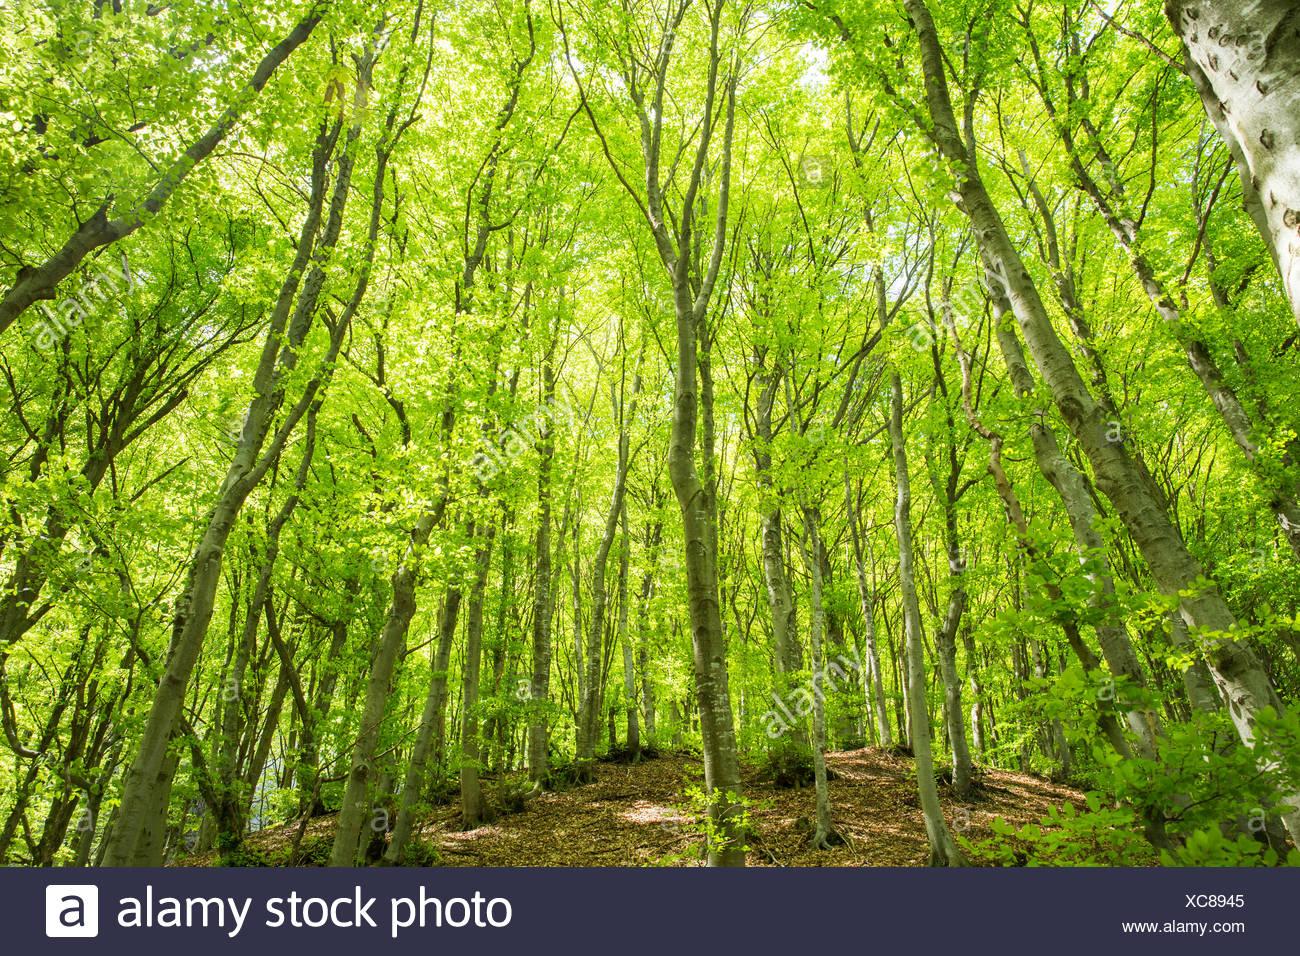 Lugano, bois, forêt, Monte Boglia, canton du Tessin, en Suisse méridionale, bois, forêt, Suisse, Europe, Photo Stock